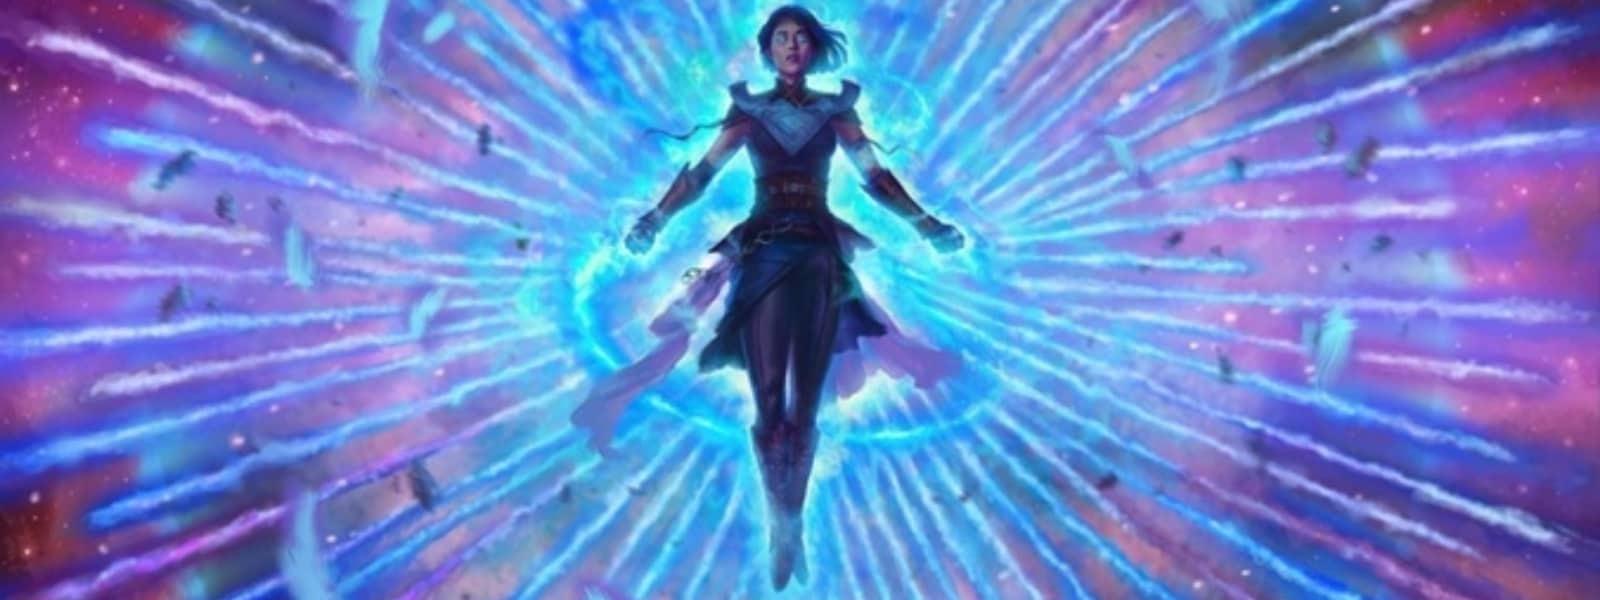 Counterspell Variant - Dispel Magic 5e